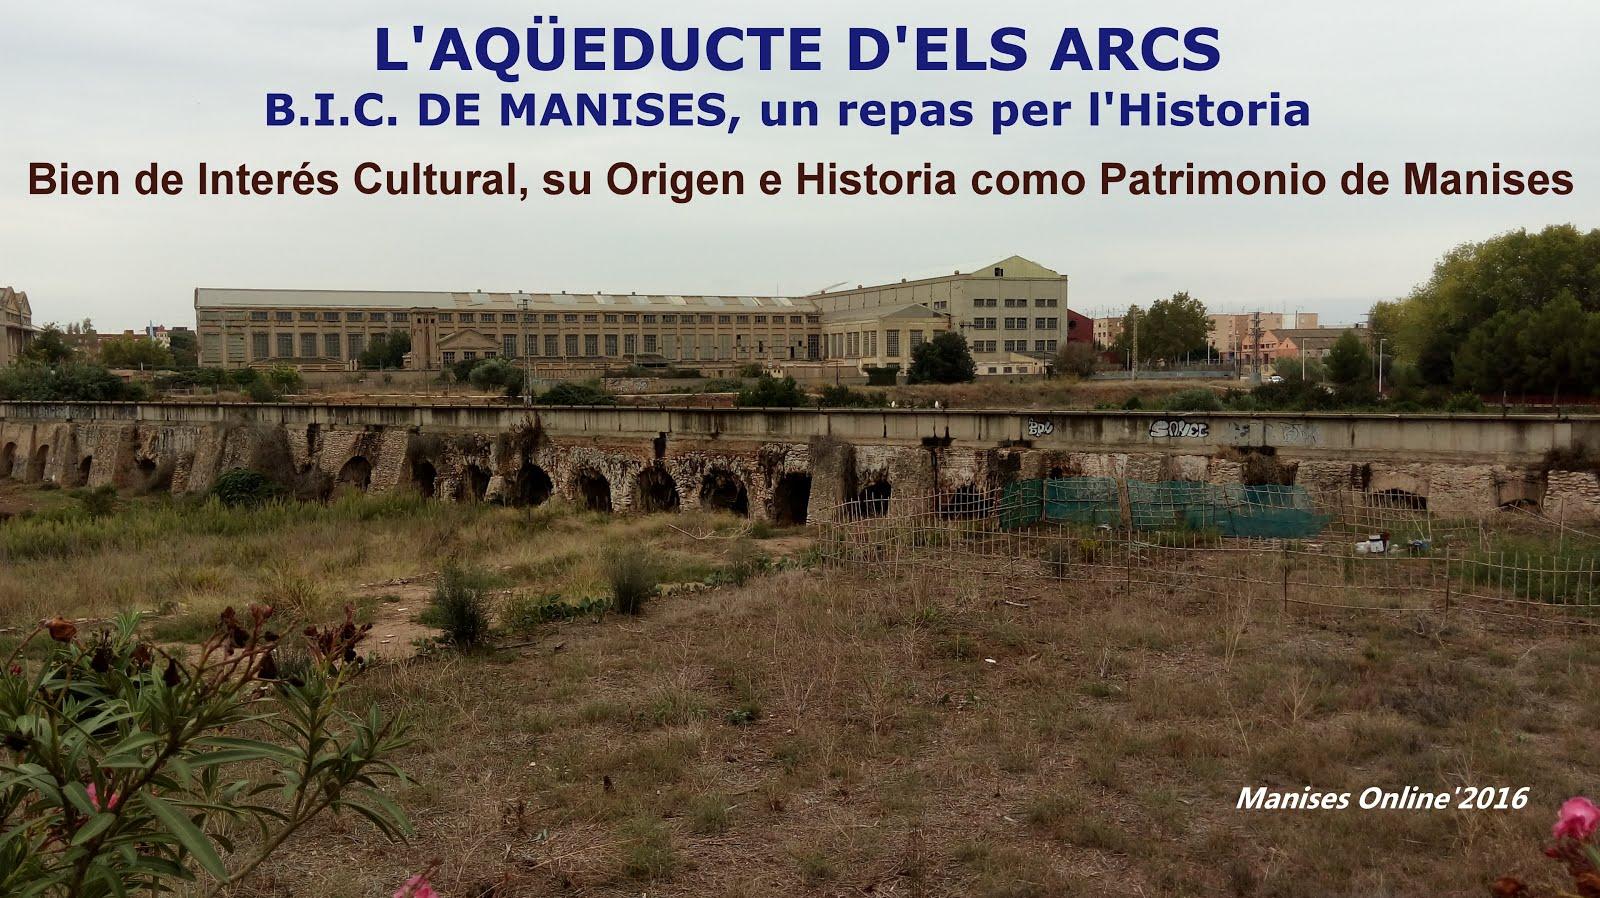 03.11.16 B.I.C. DE MANISES: AQÜEDUCTE ELS ARCS